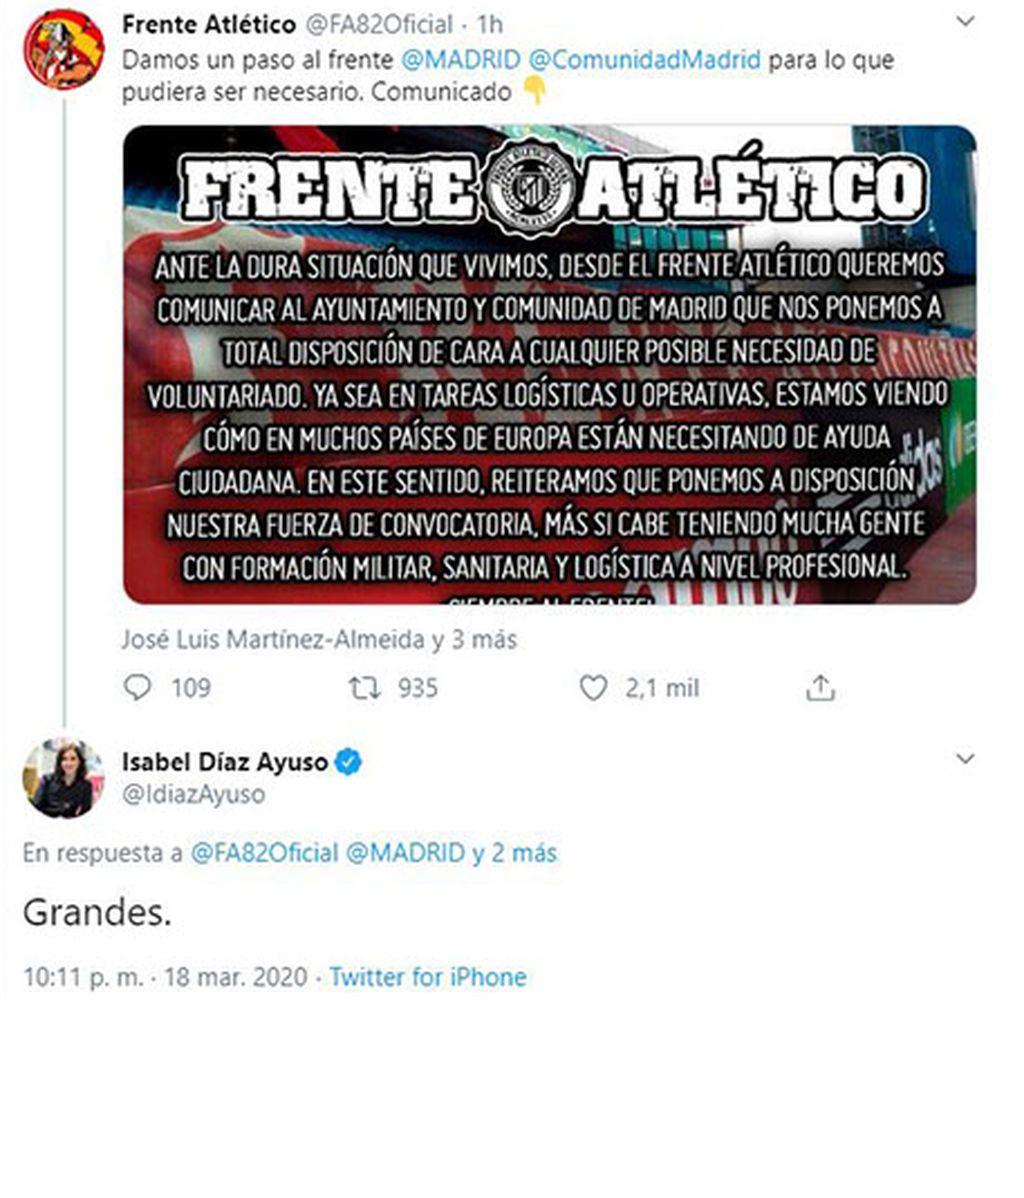 Ayuso agradece el ofrecimiento de Frente Atlético frente al coronavirus